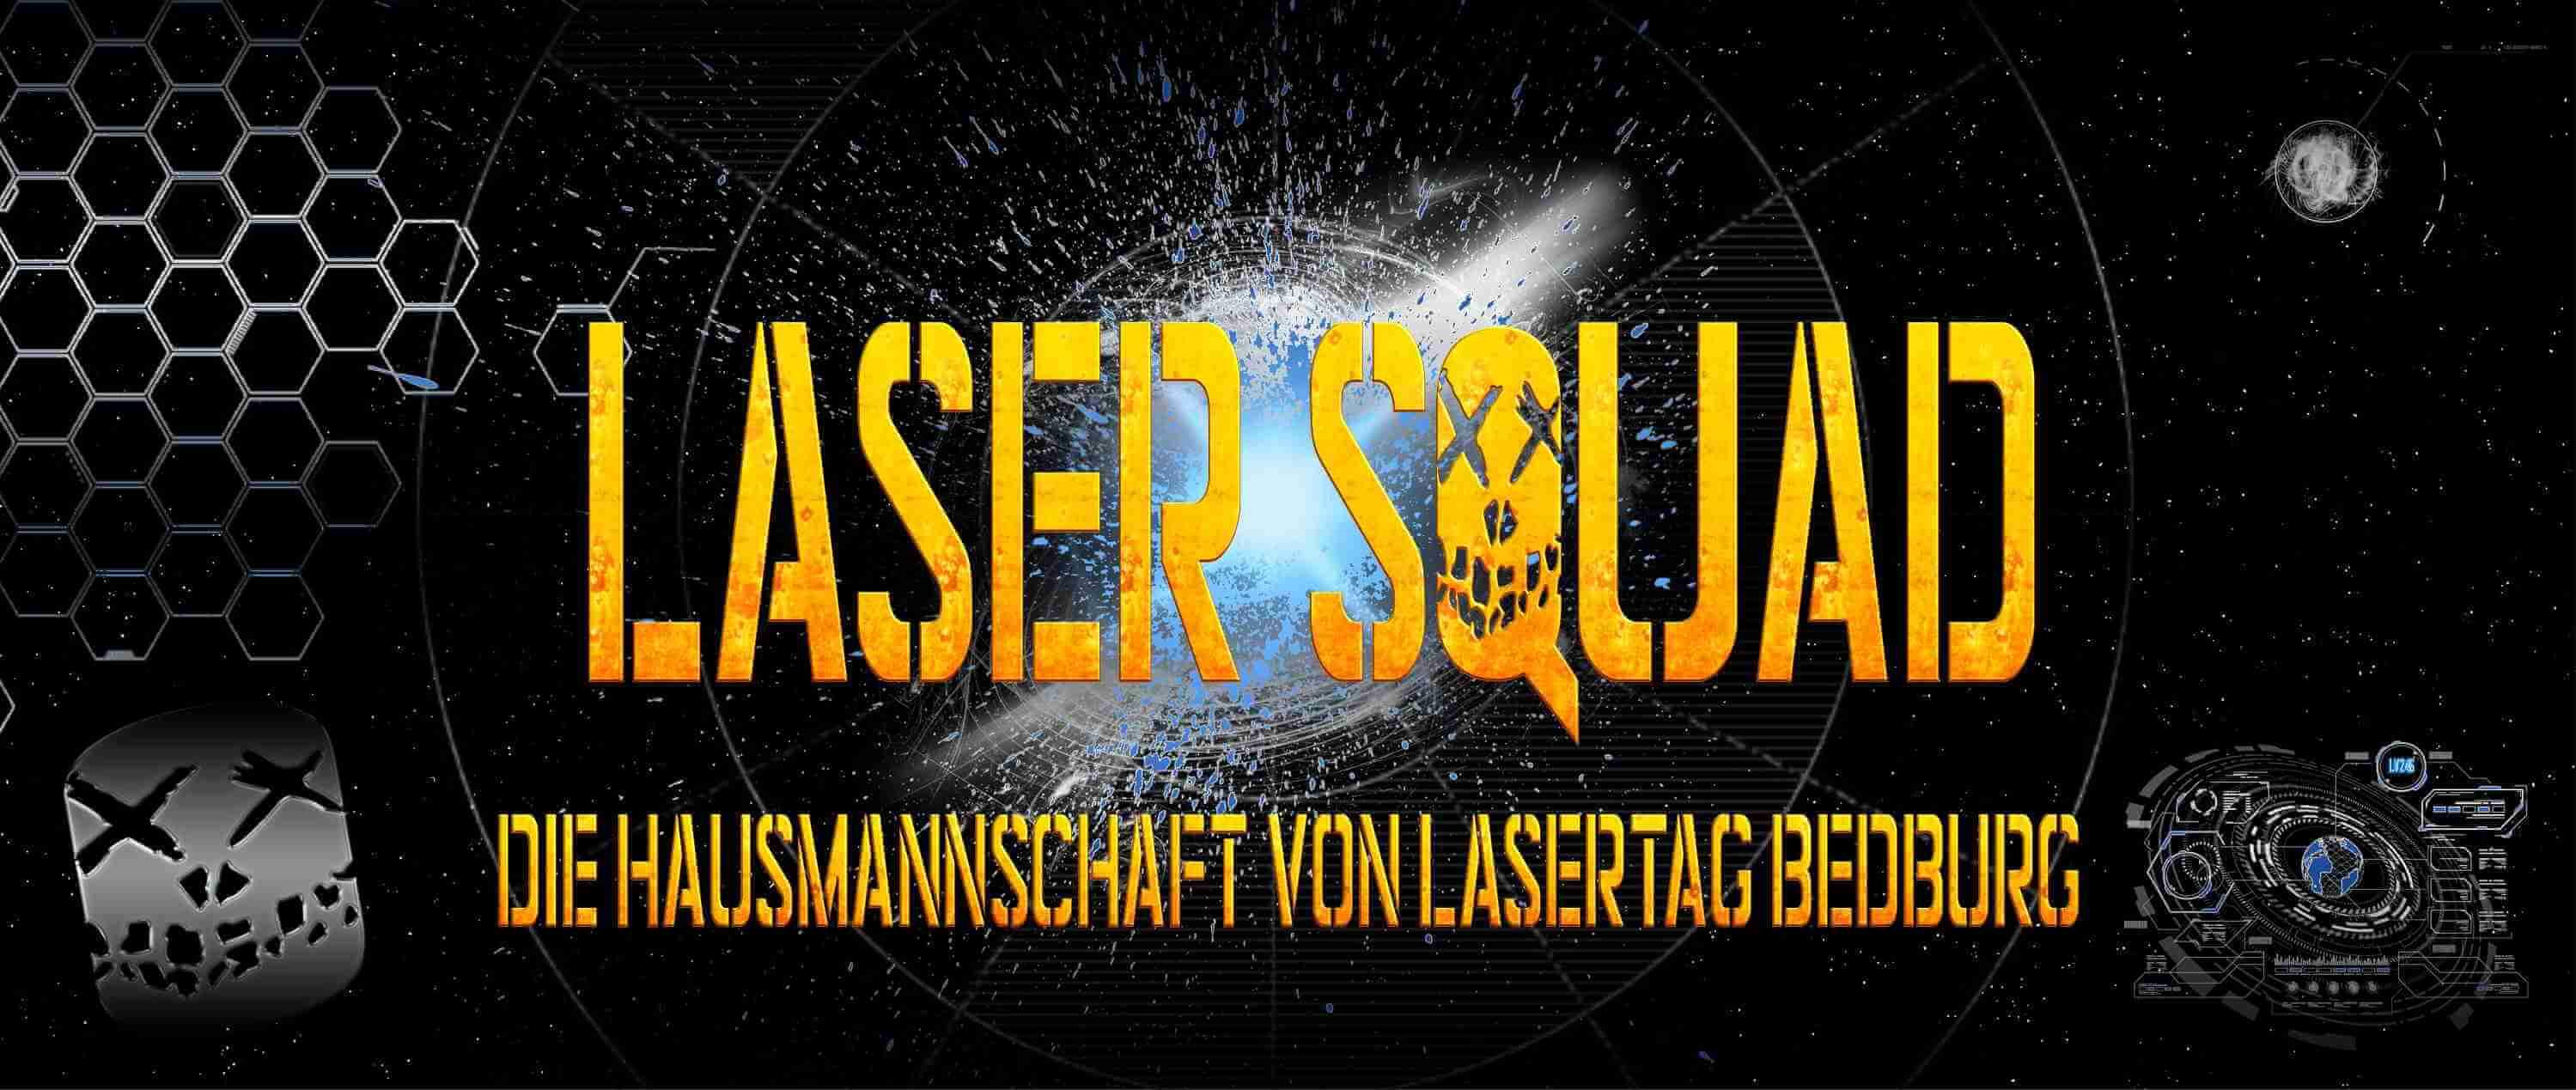 Hausmannschaft Lasertag-Bedburg Partnerseiten